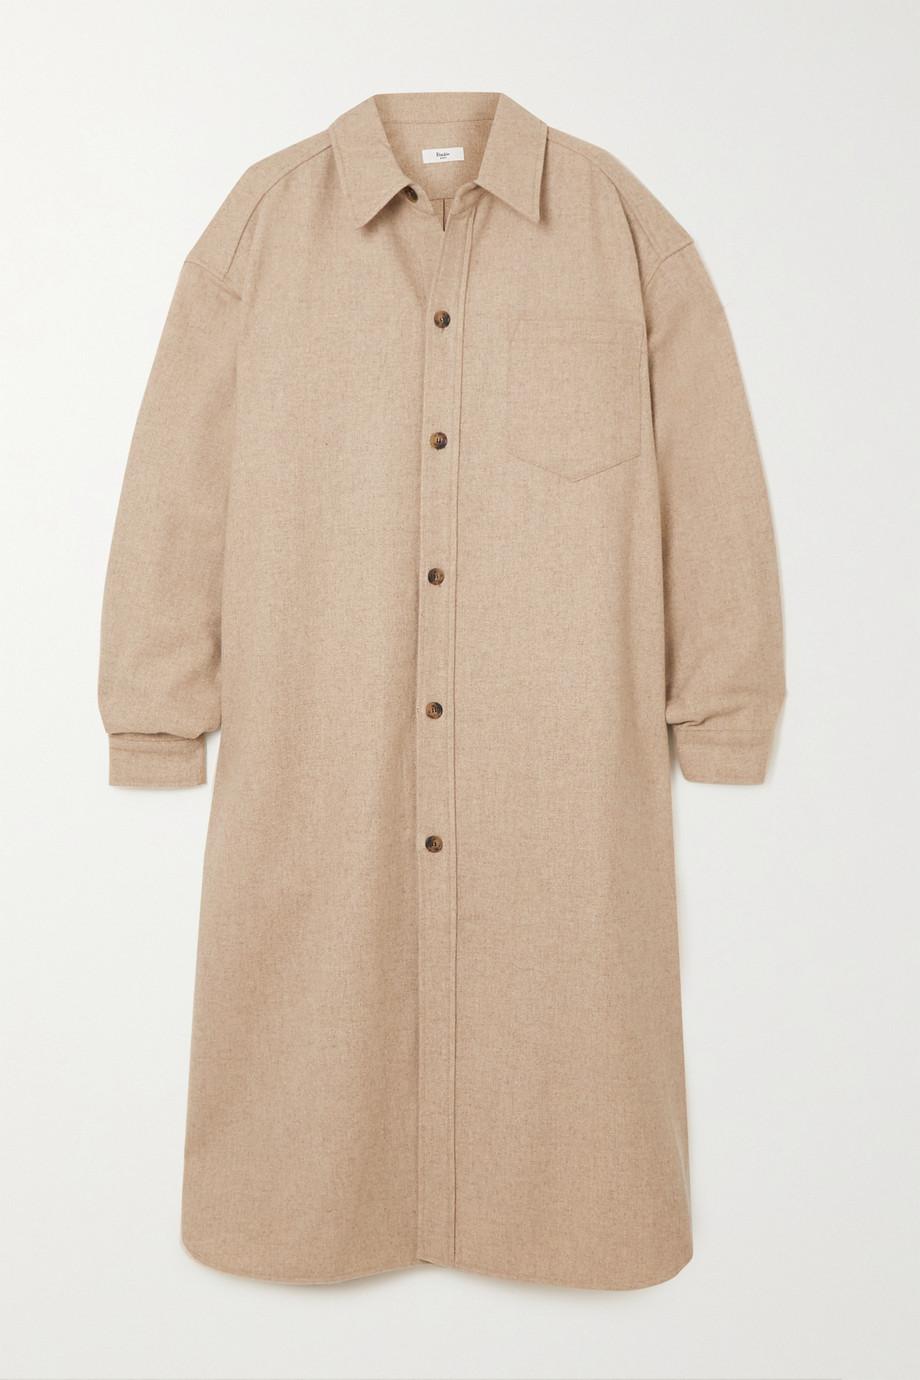 Frankie Shop Robe-chemise midi en feutre de laine mélangée chiné